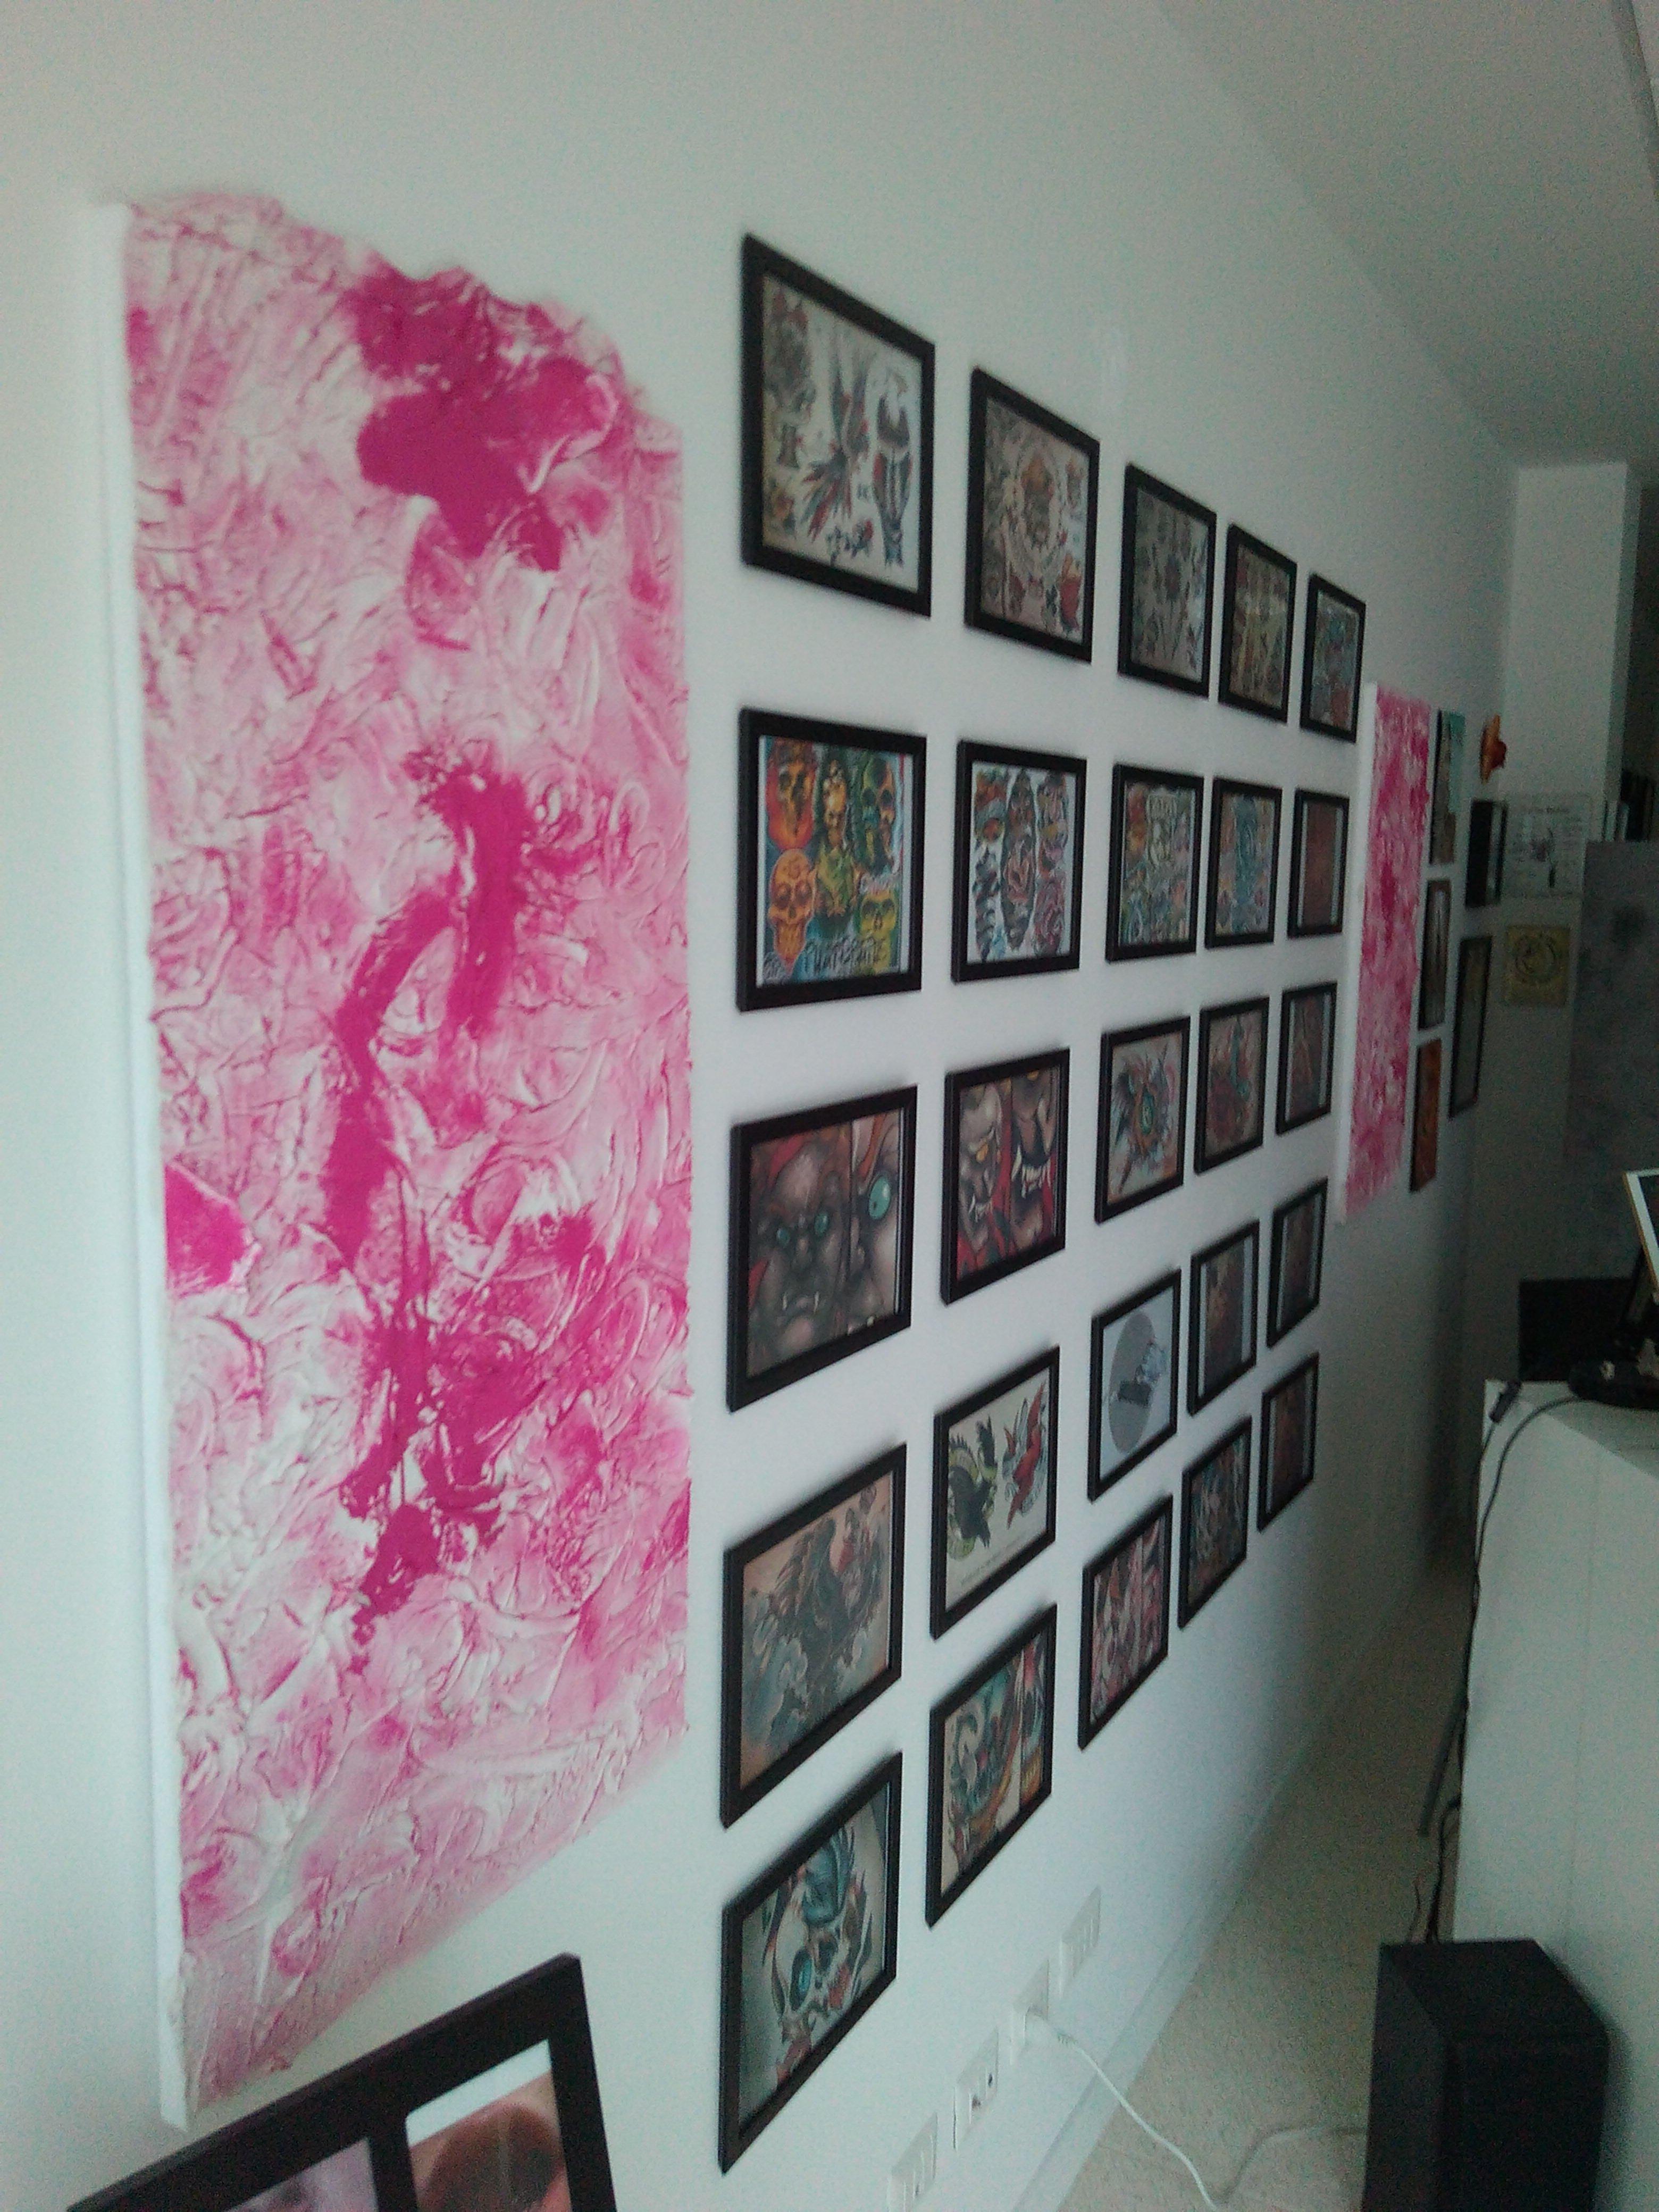 una parete con disegni floreali di color fucsia e dei quadri appesi raffiguranti dei modelli di tatuaggi